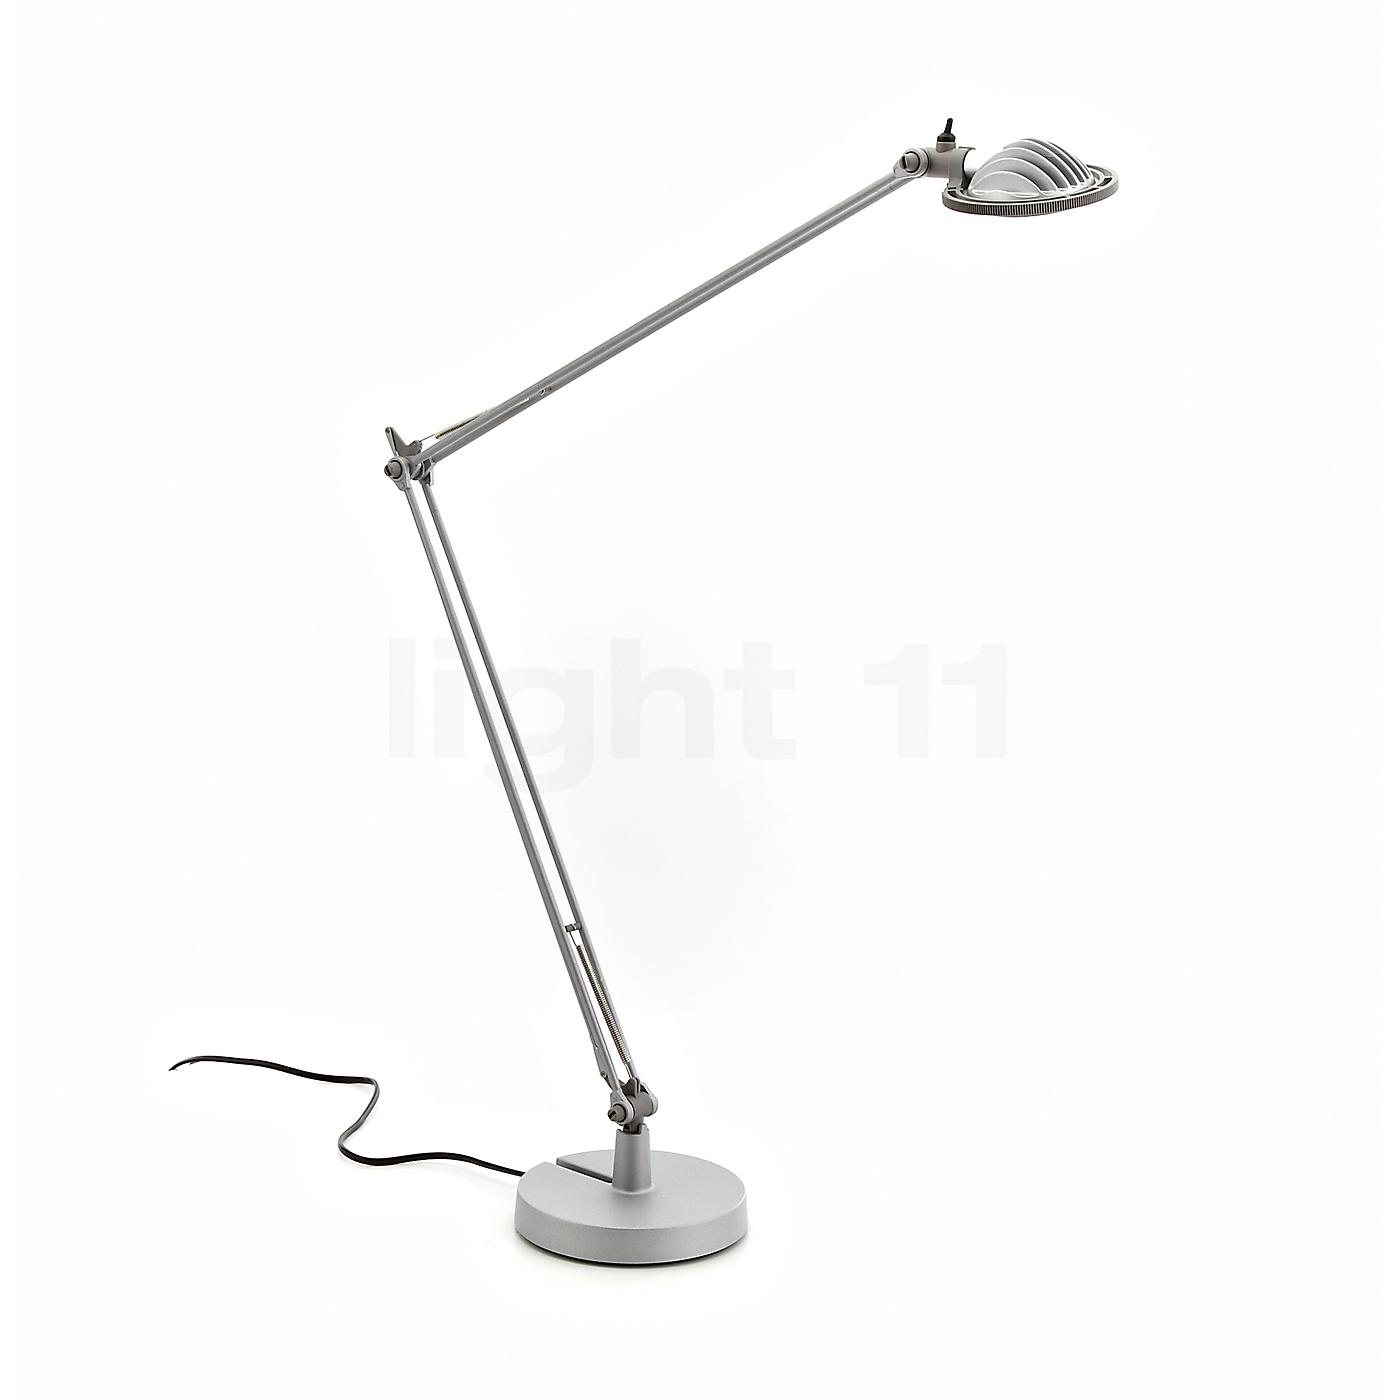 Luceplan Berenice Tavolo LED Tischleuchte kaufen bei light11.de